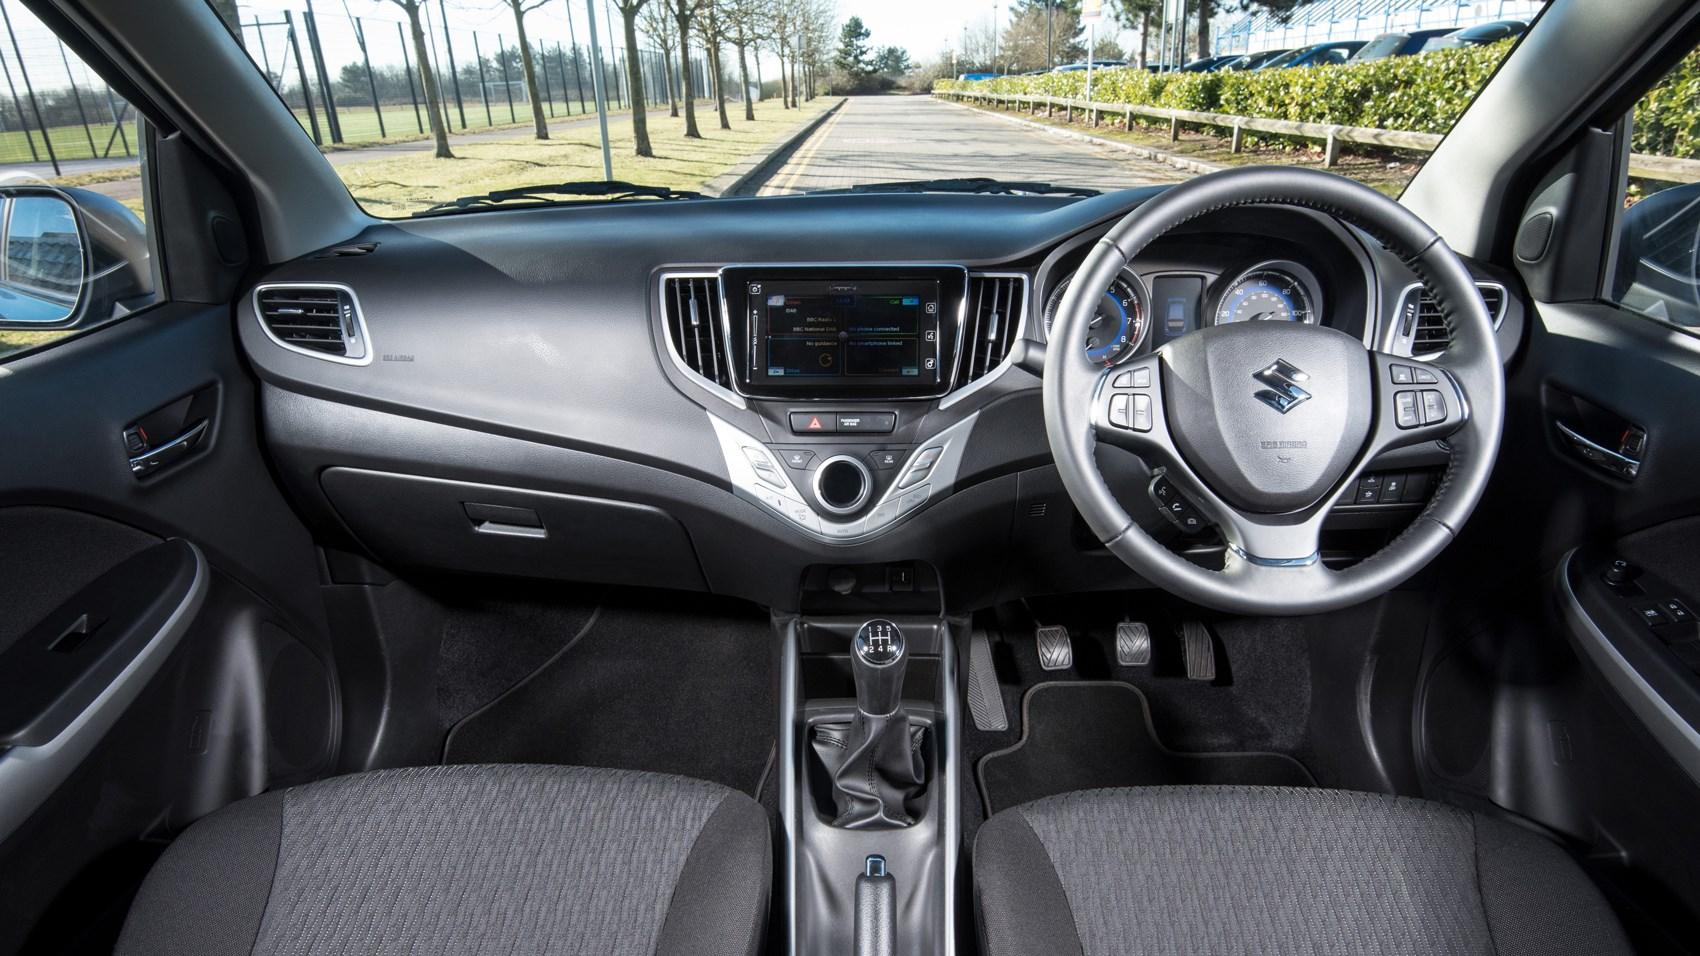 Value Of Company Car